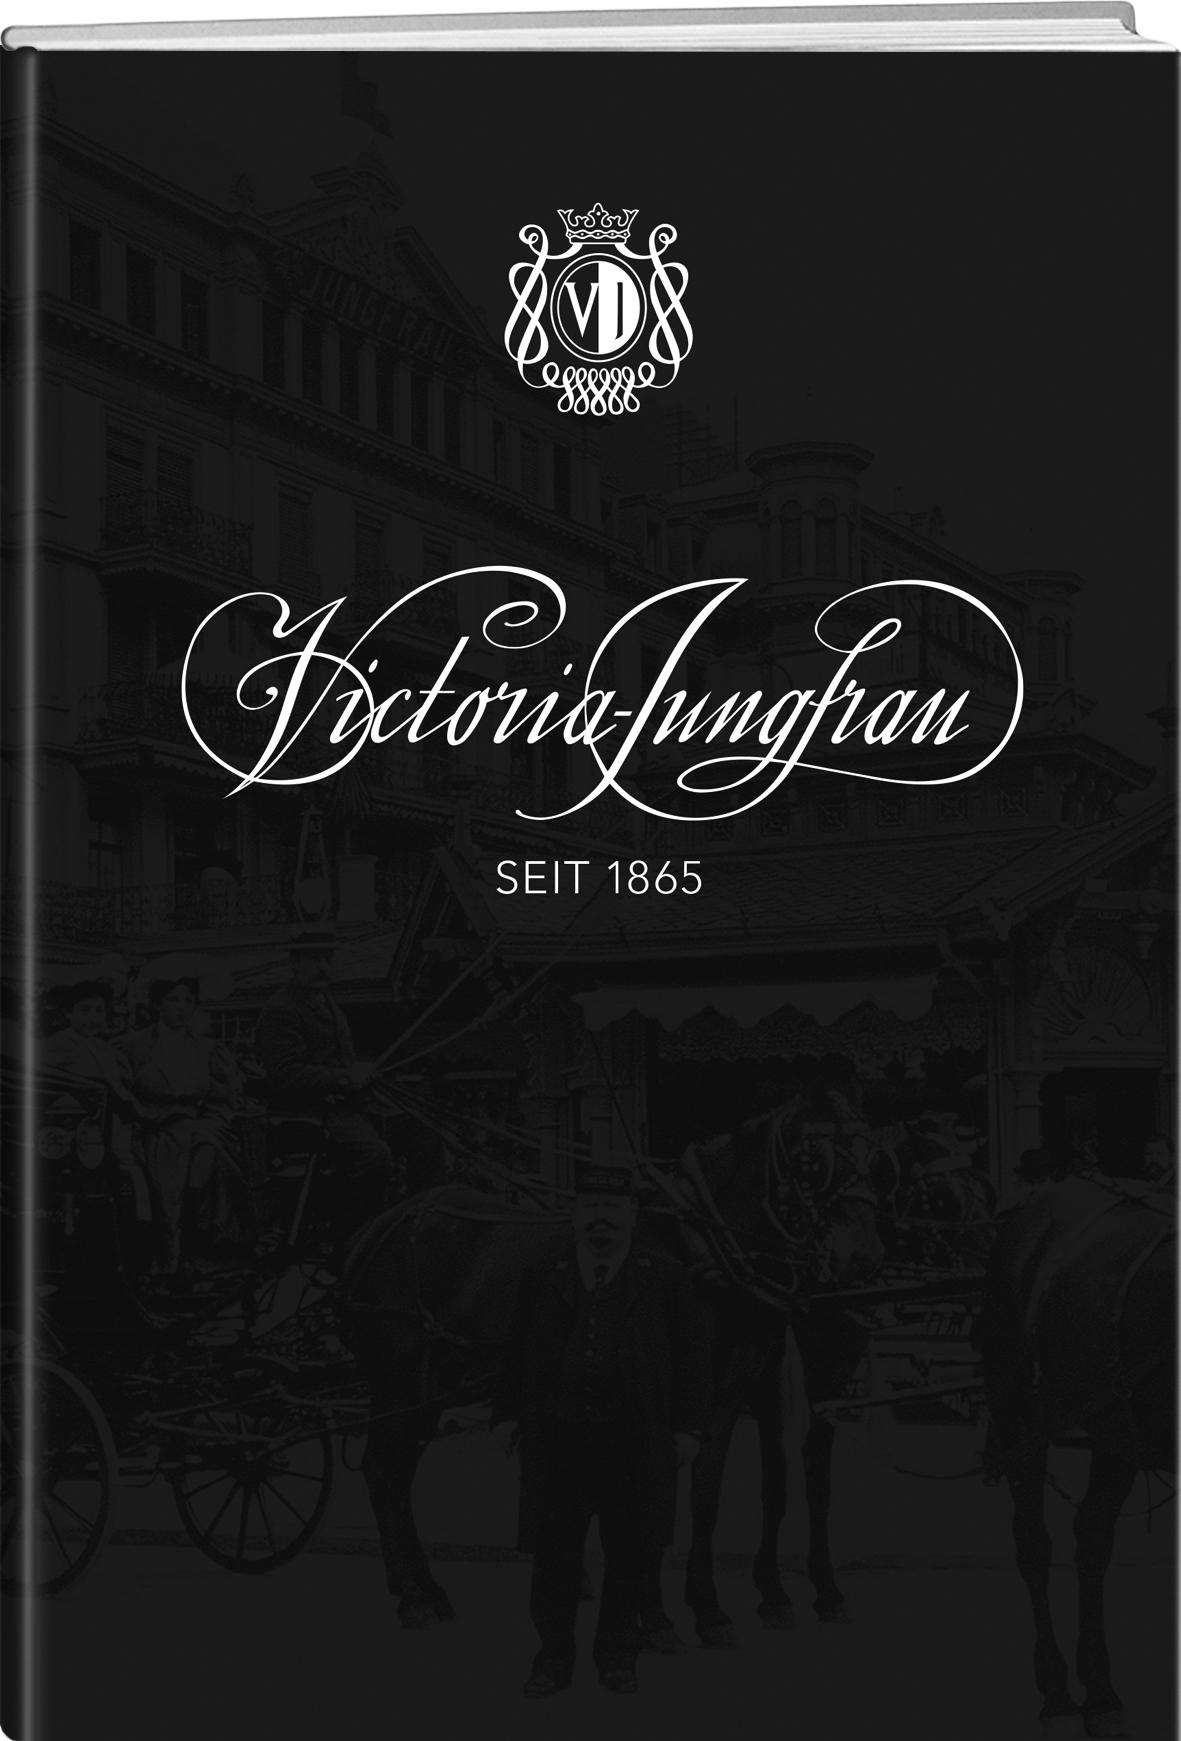 150 Jahre Victoria-Jungfrau,